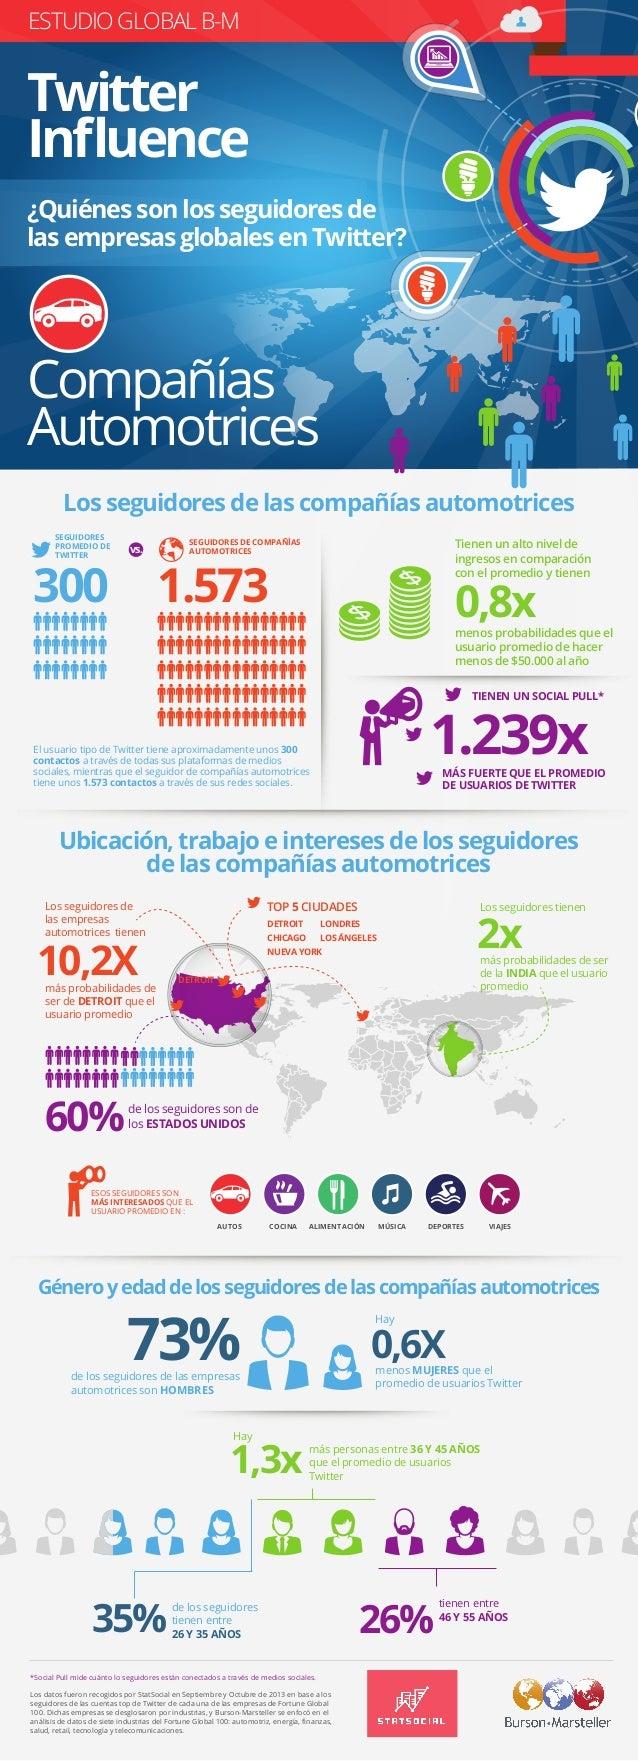 ESTUDIO GLOBAL B-M 35% 73% 0,6X de los seguidores tienen entre 26 Y 35 AÑOS 1,3x más personas entre 36 Y 45 AÑOS que el pr...